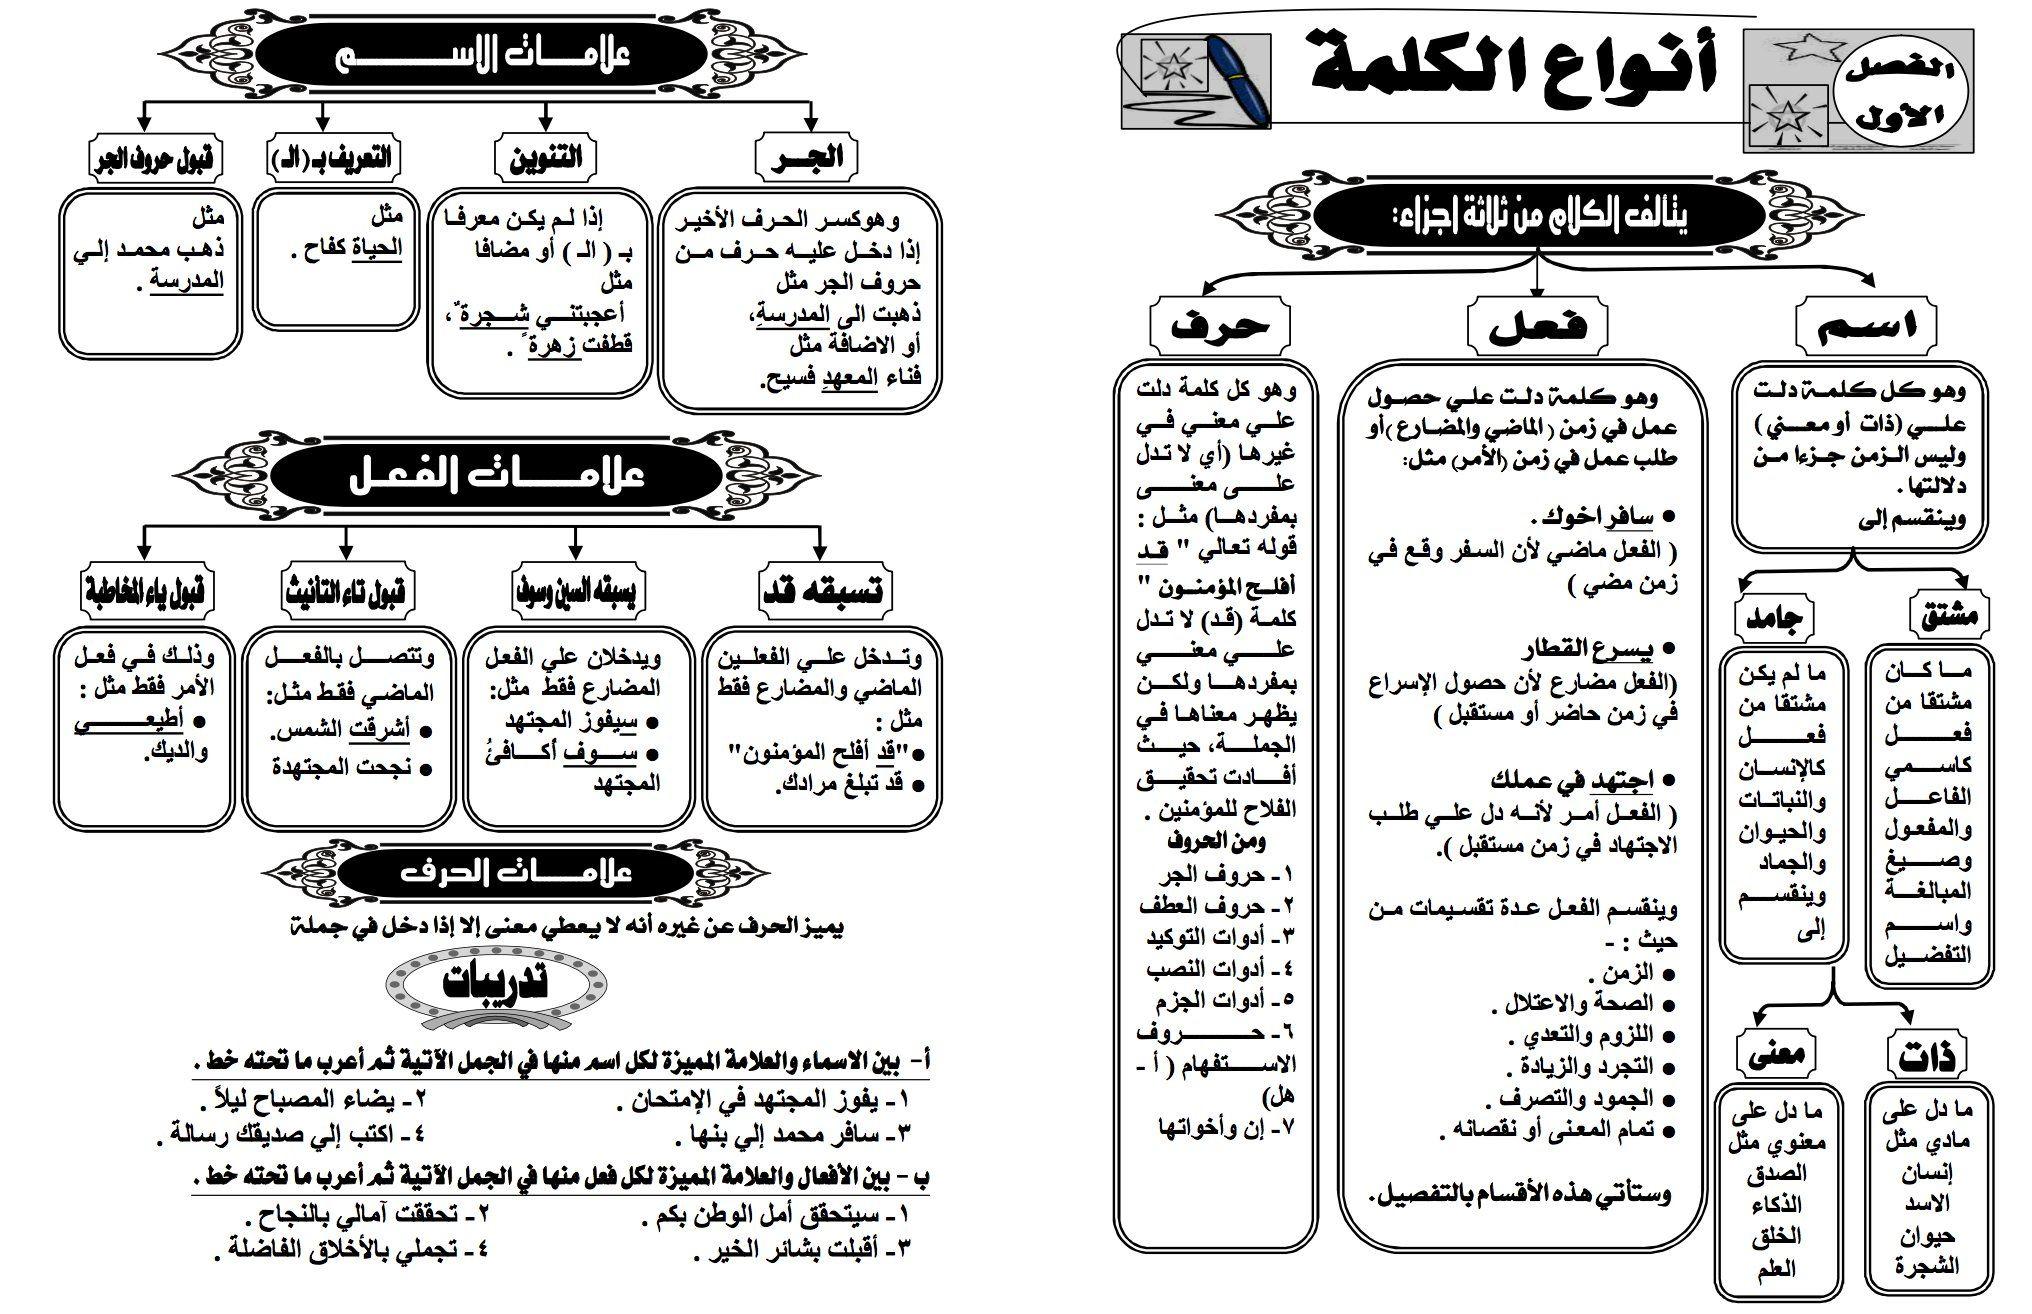 موجز قواعد اللغة العربية موجز قواعد اللغة العربية Free Download Borrow And Streaming Internet Archive Learn Arabic Alphabet Learning Arabic Learn Arabic Language